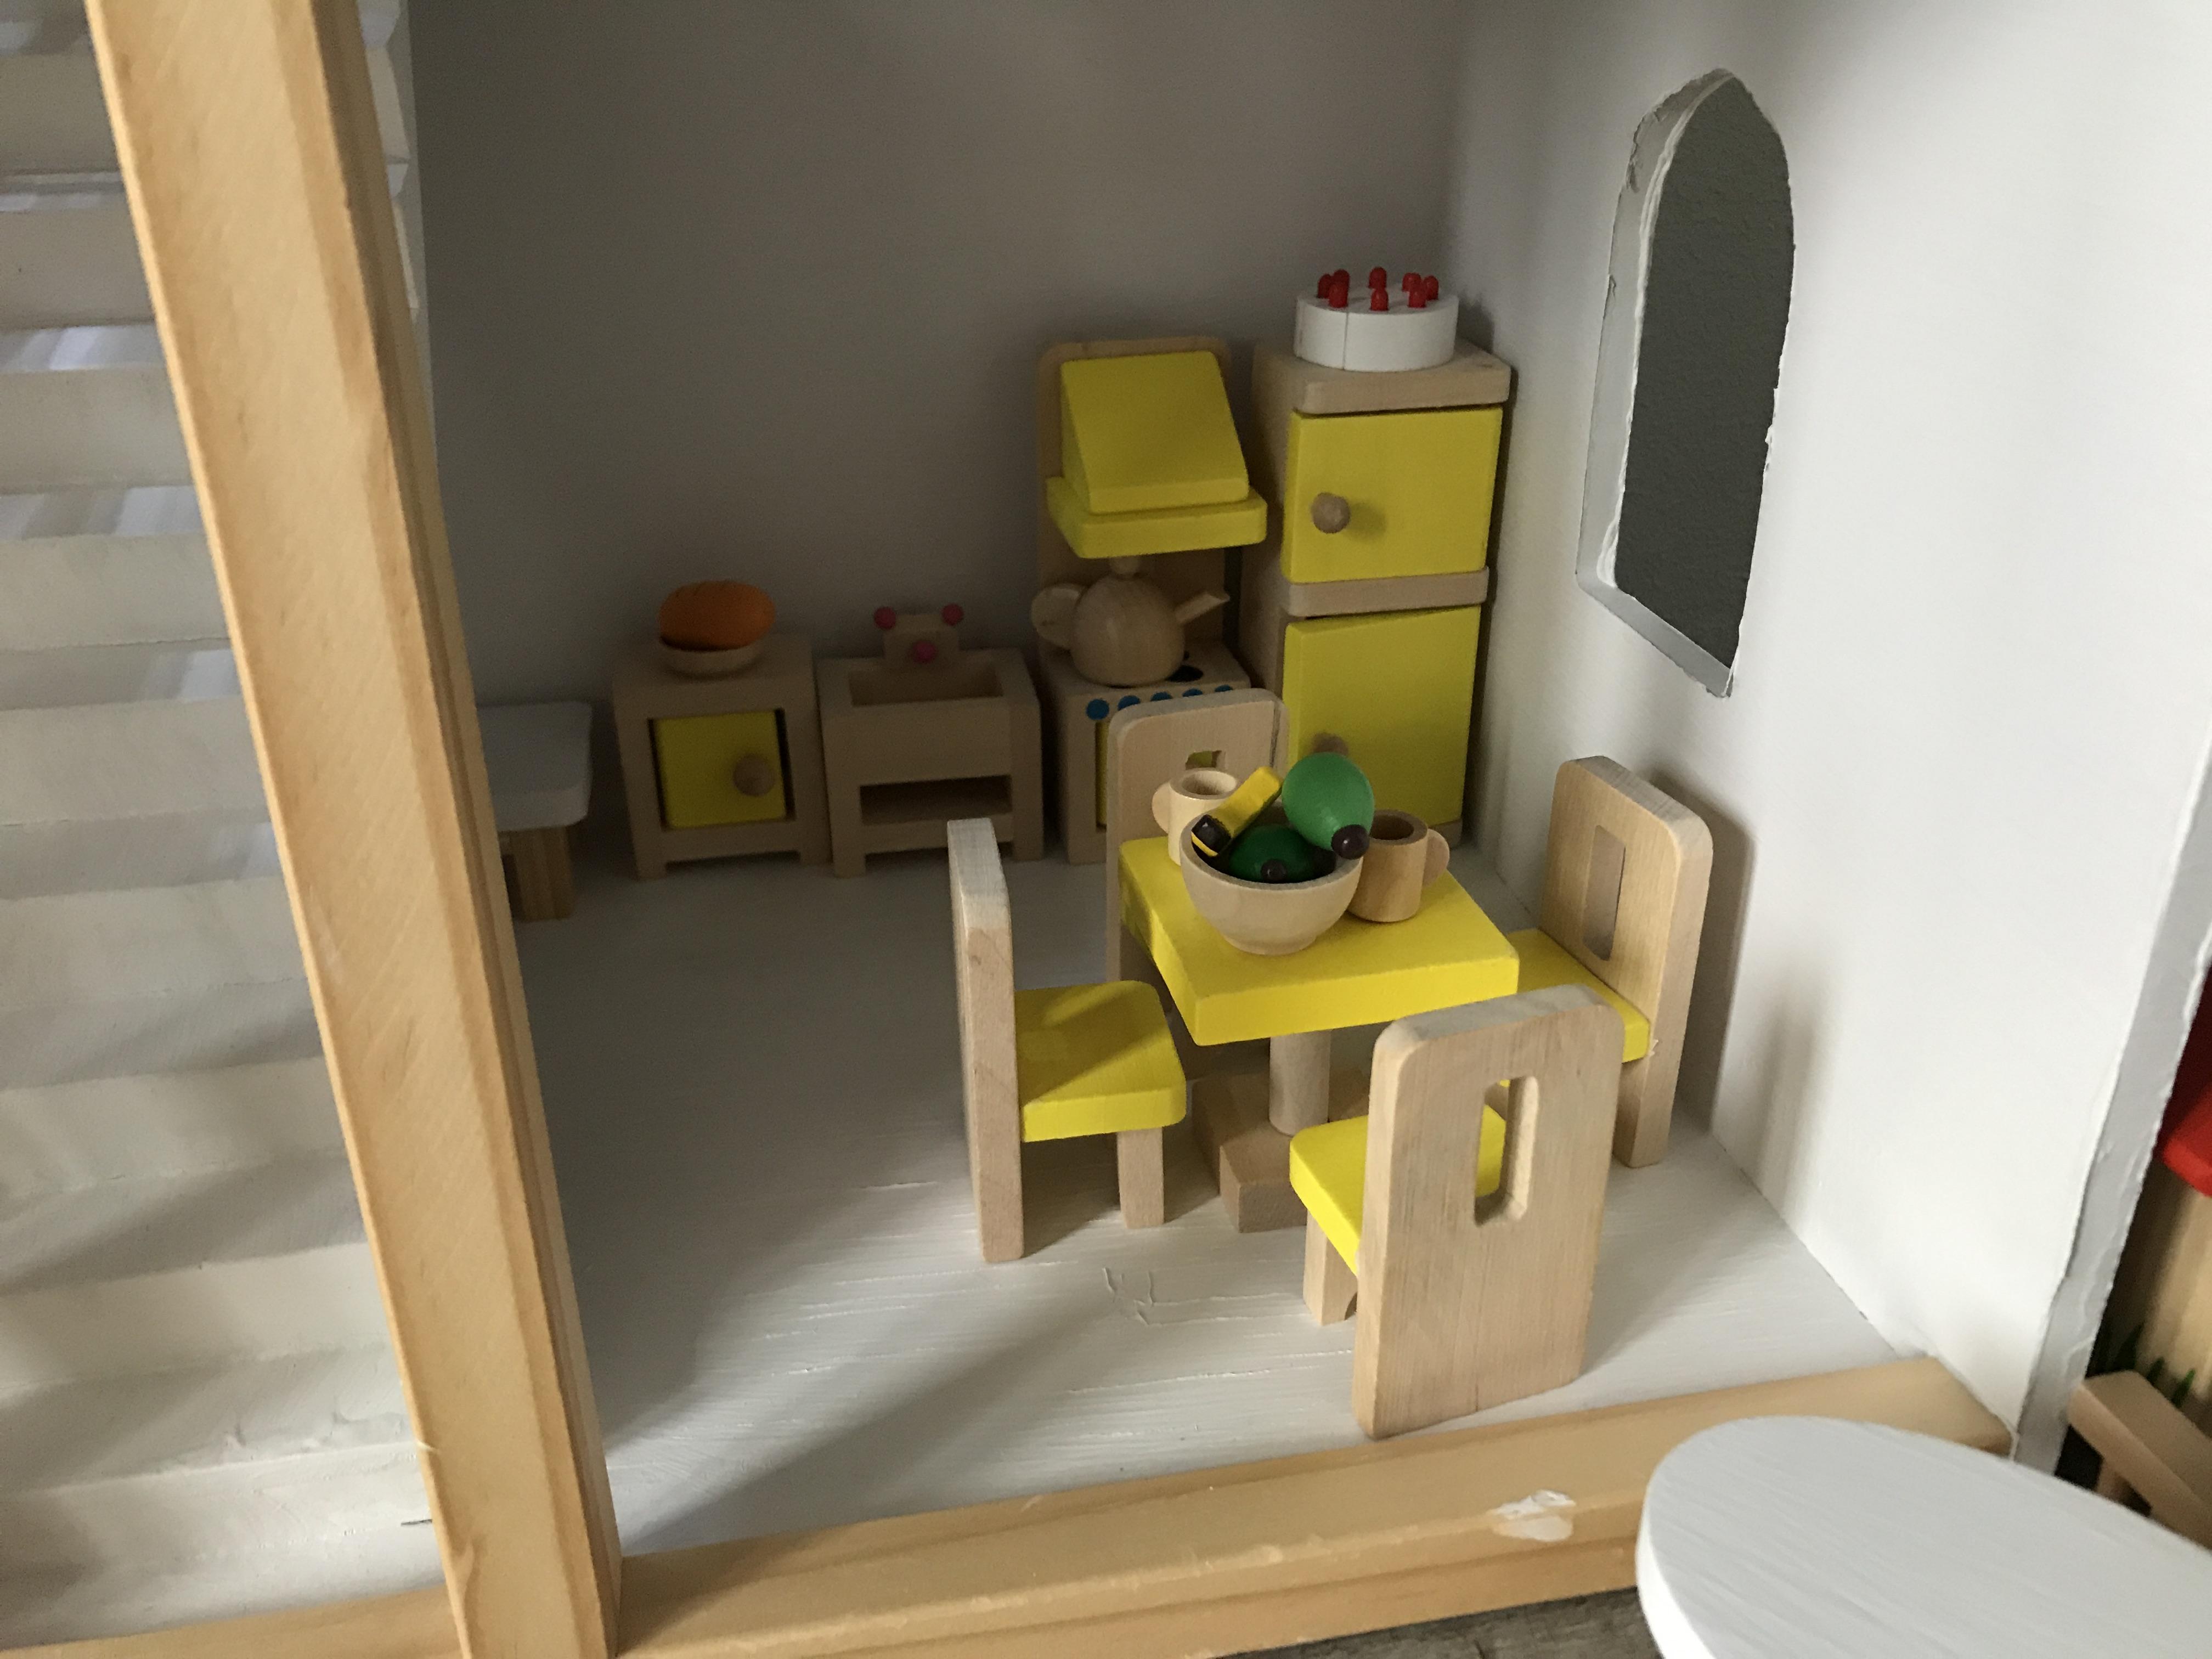 Badkamer Voor Poppenhuis : Woodcraft poppenhuismeubels badkamer euromini s